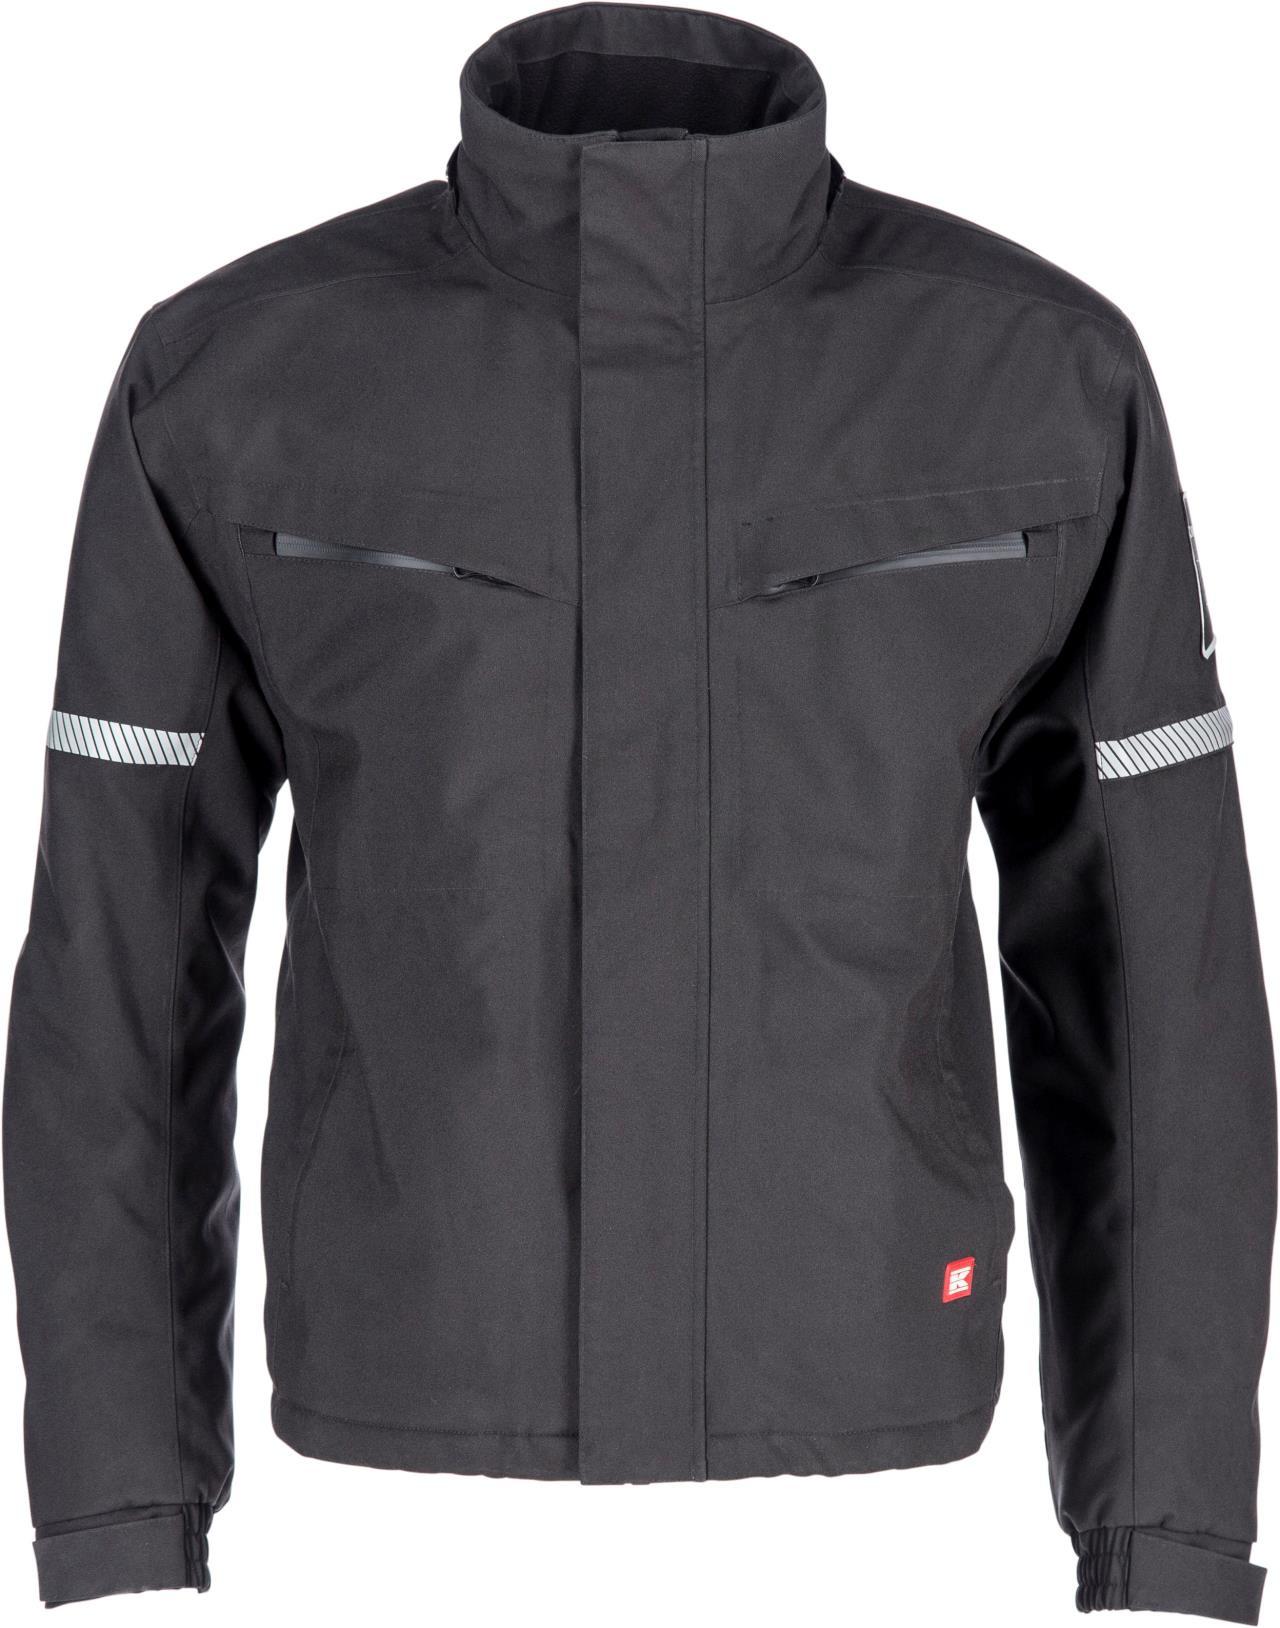 Kramp sort jakke med hætte Original S